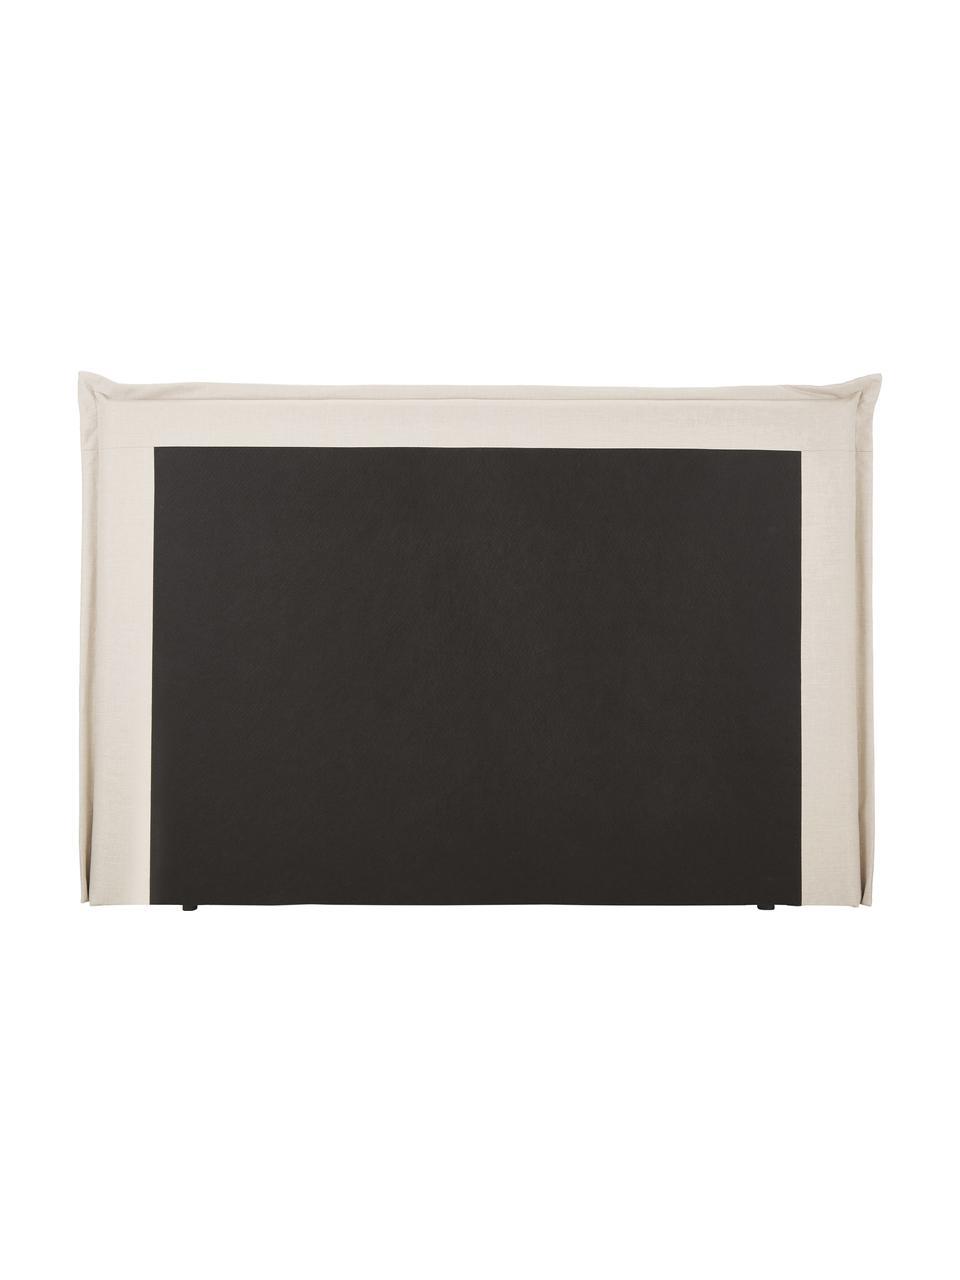 Cama continental Premium Violet, Patas: madera de abedul maciza p, Beige, 160 x 200 cm